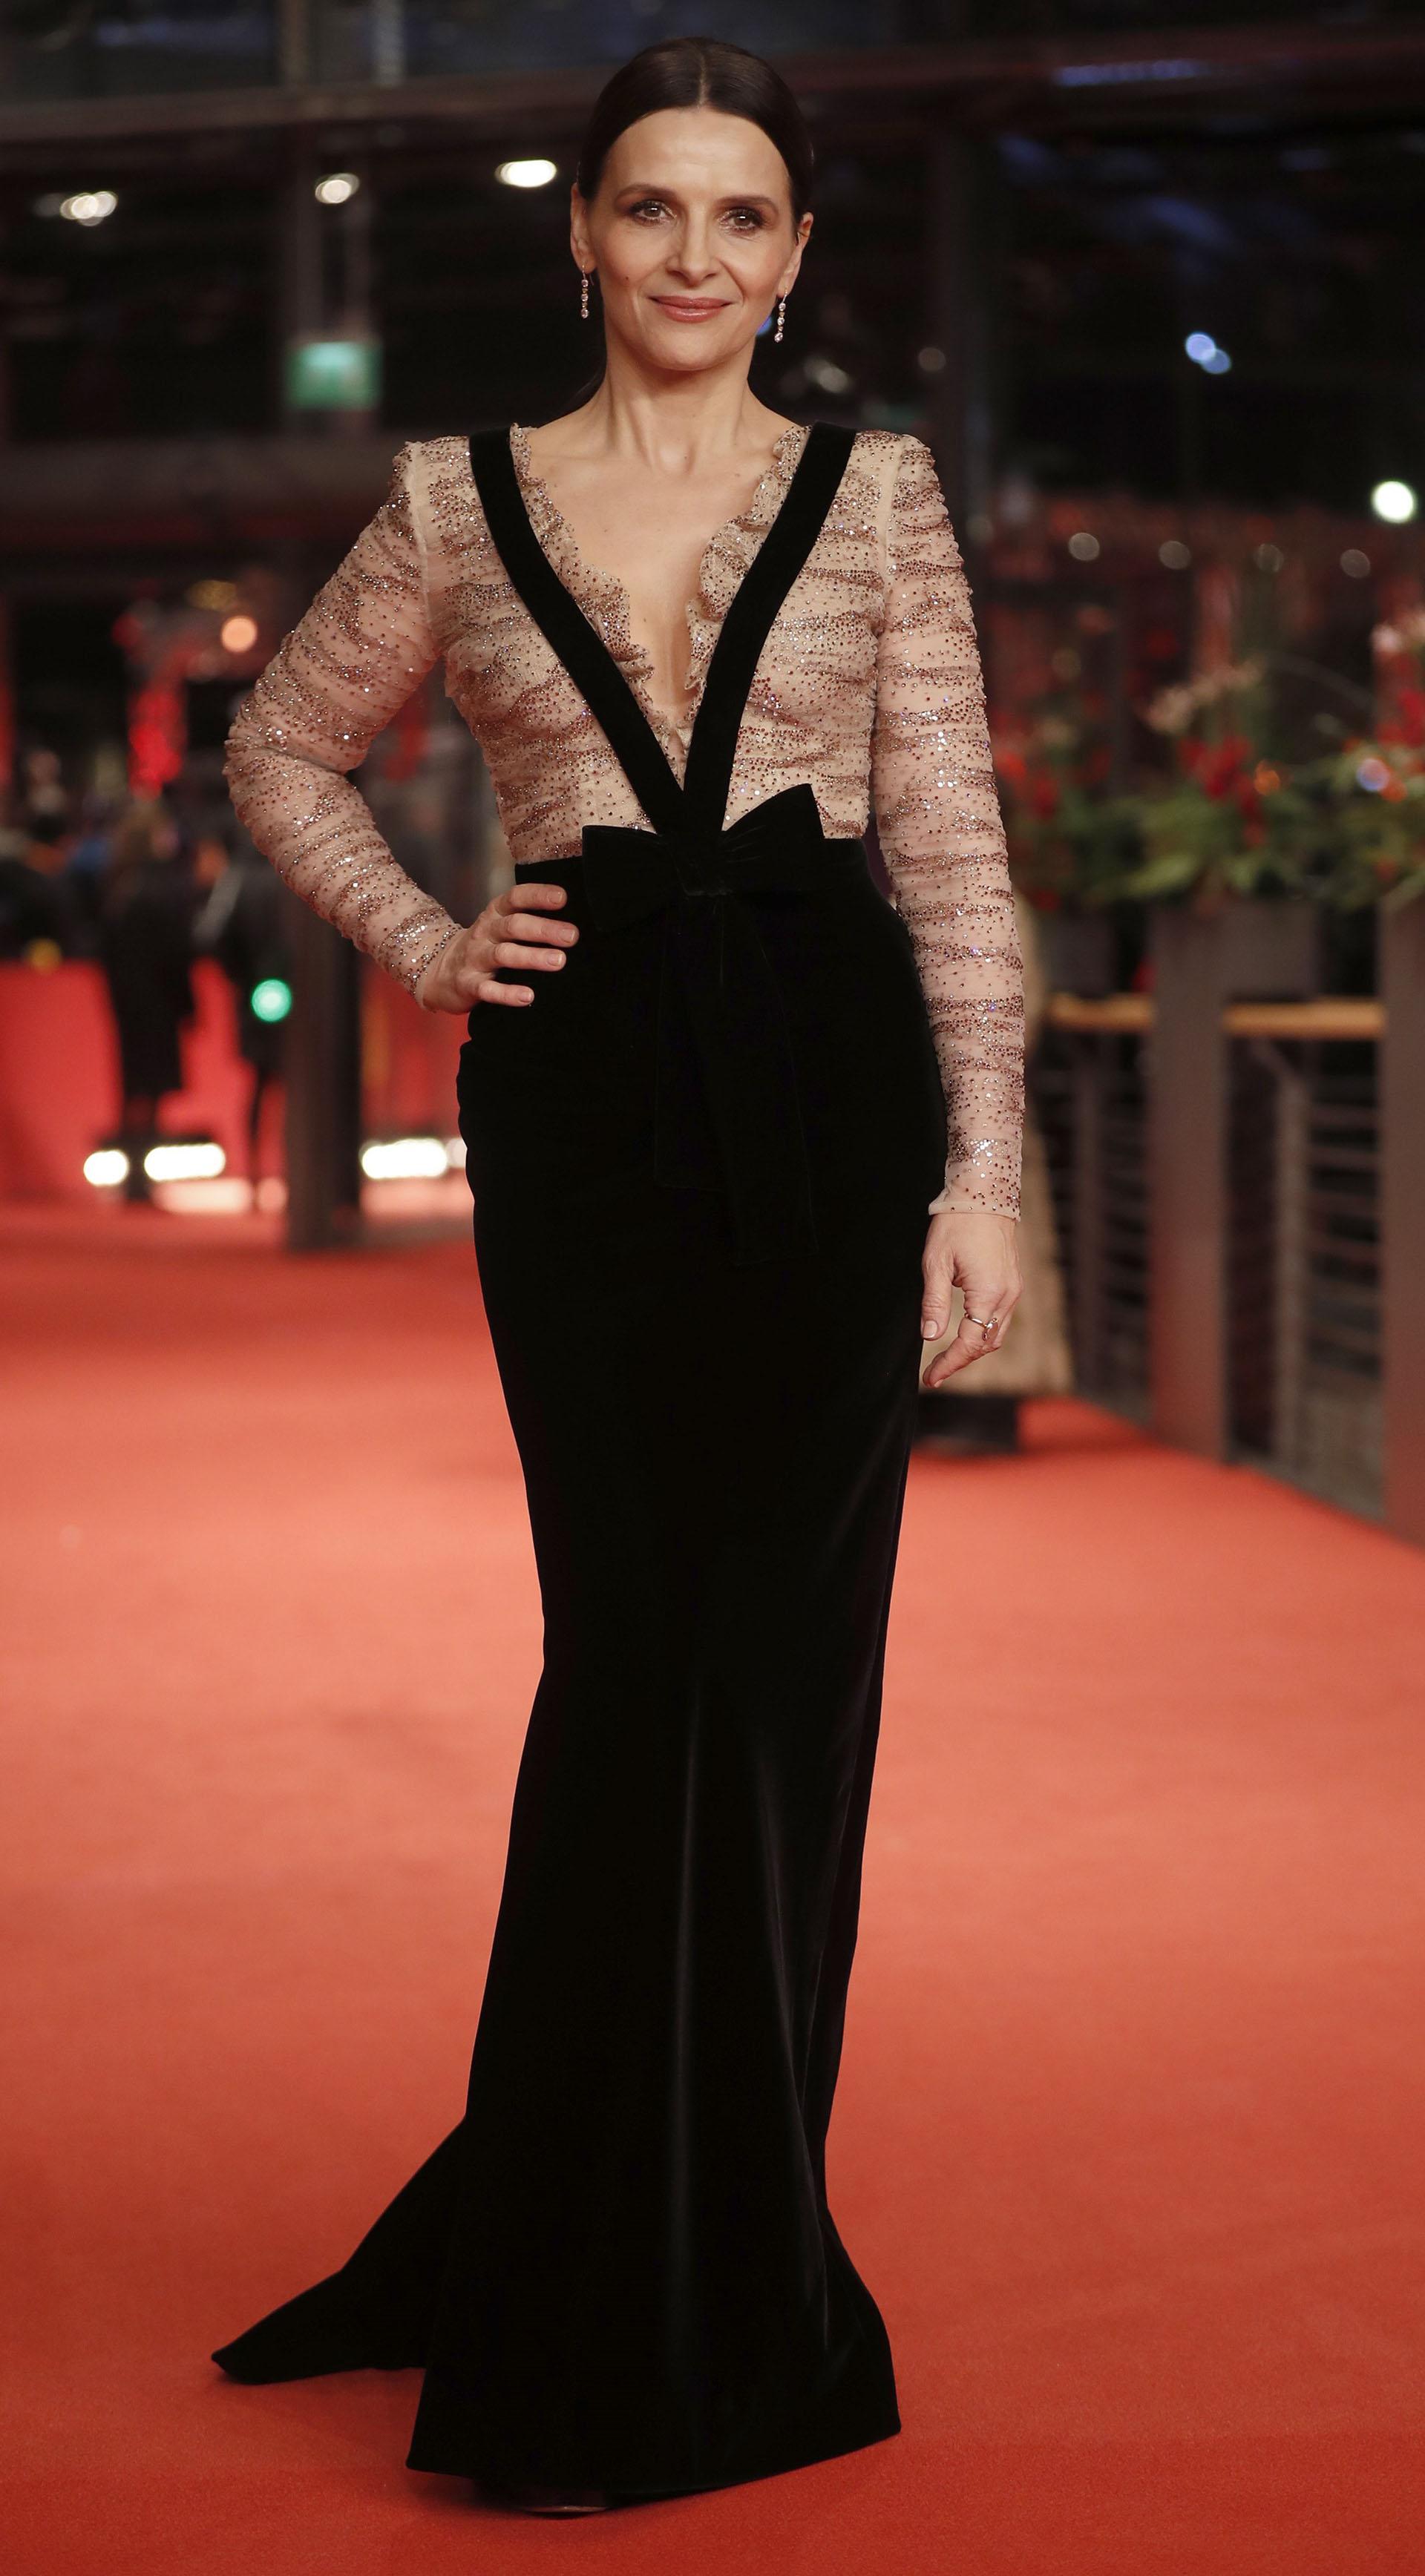 El arribo de la presidente del Jurado Internacional del Festival de Cine de Berlín, Juliette Binoche, quien se coronó como la mujer más elegante de la noche, con este fabuloso diseño con transparencias nude y terciopelo negro